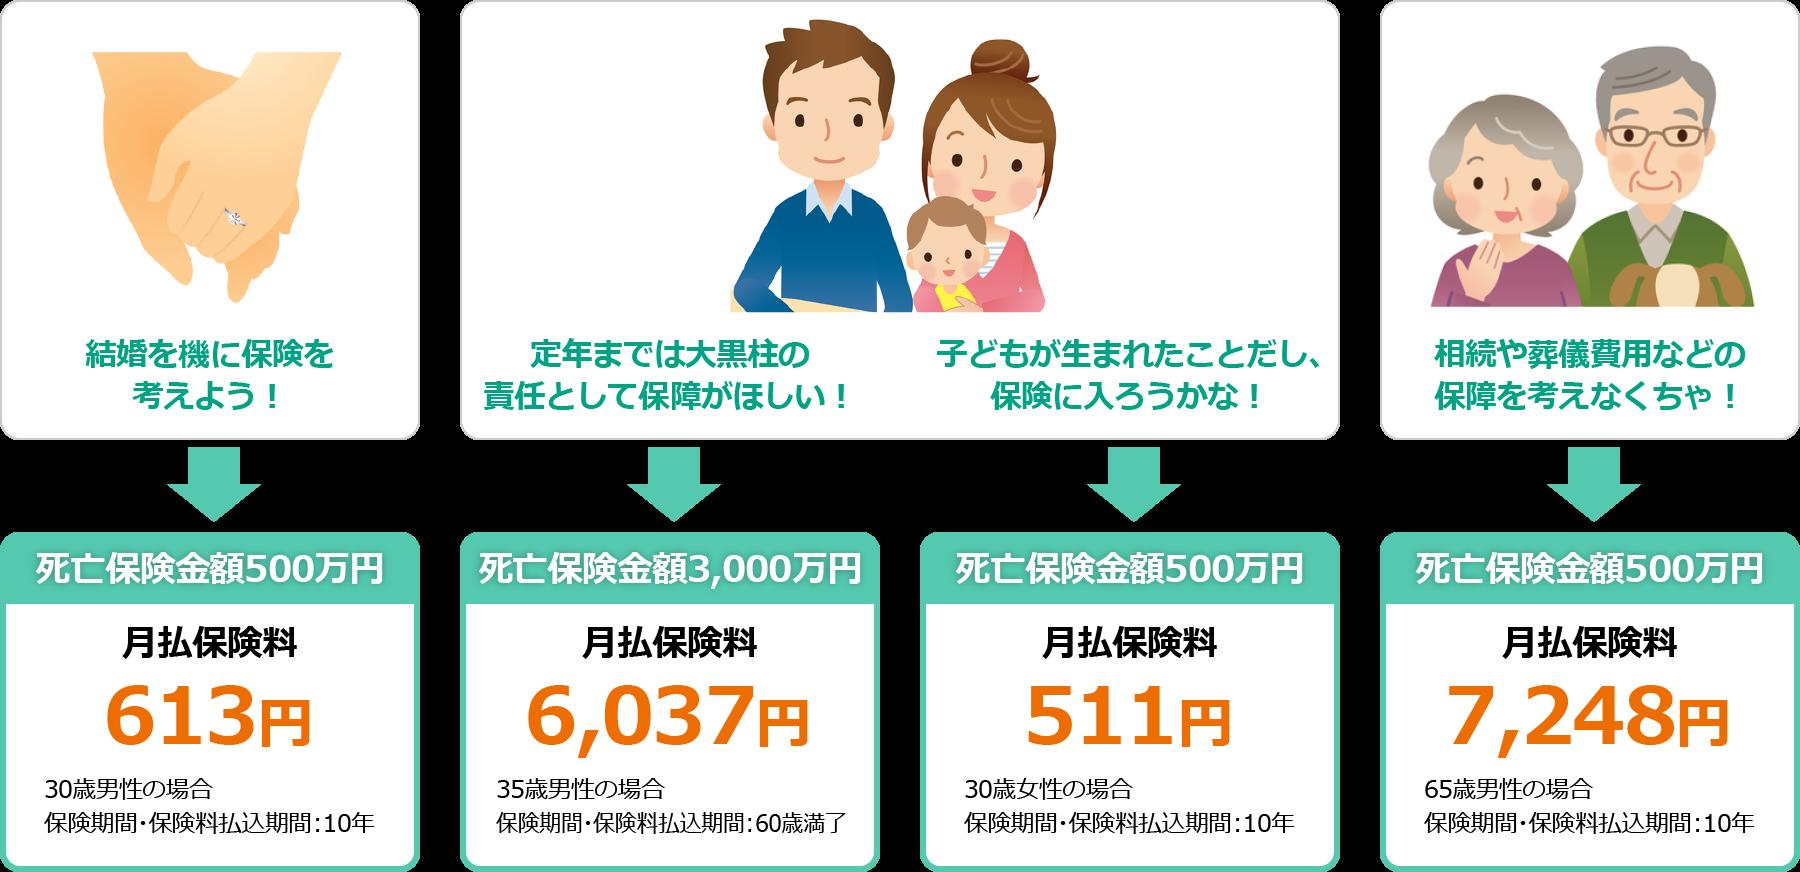 保険金額・保険期間の選び方例の図